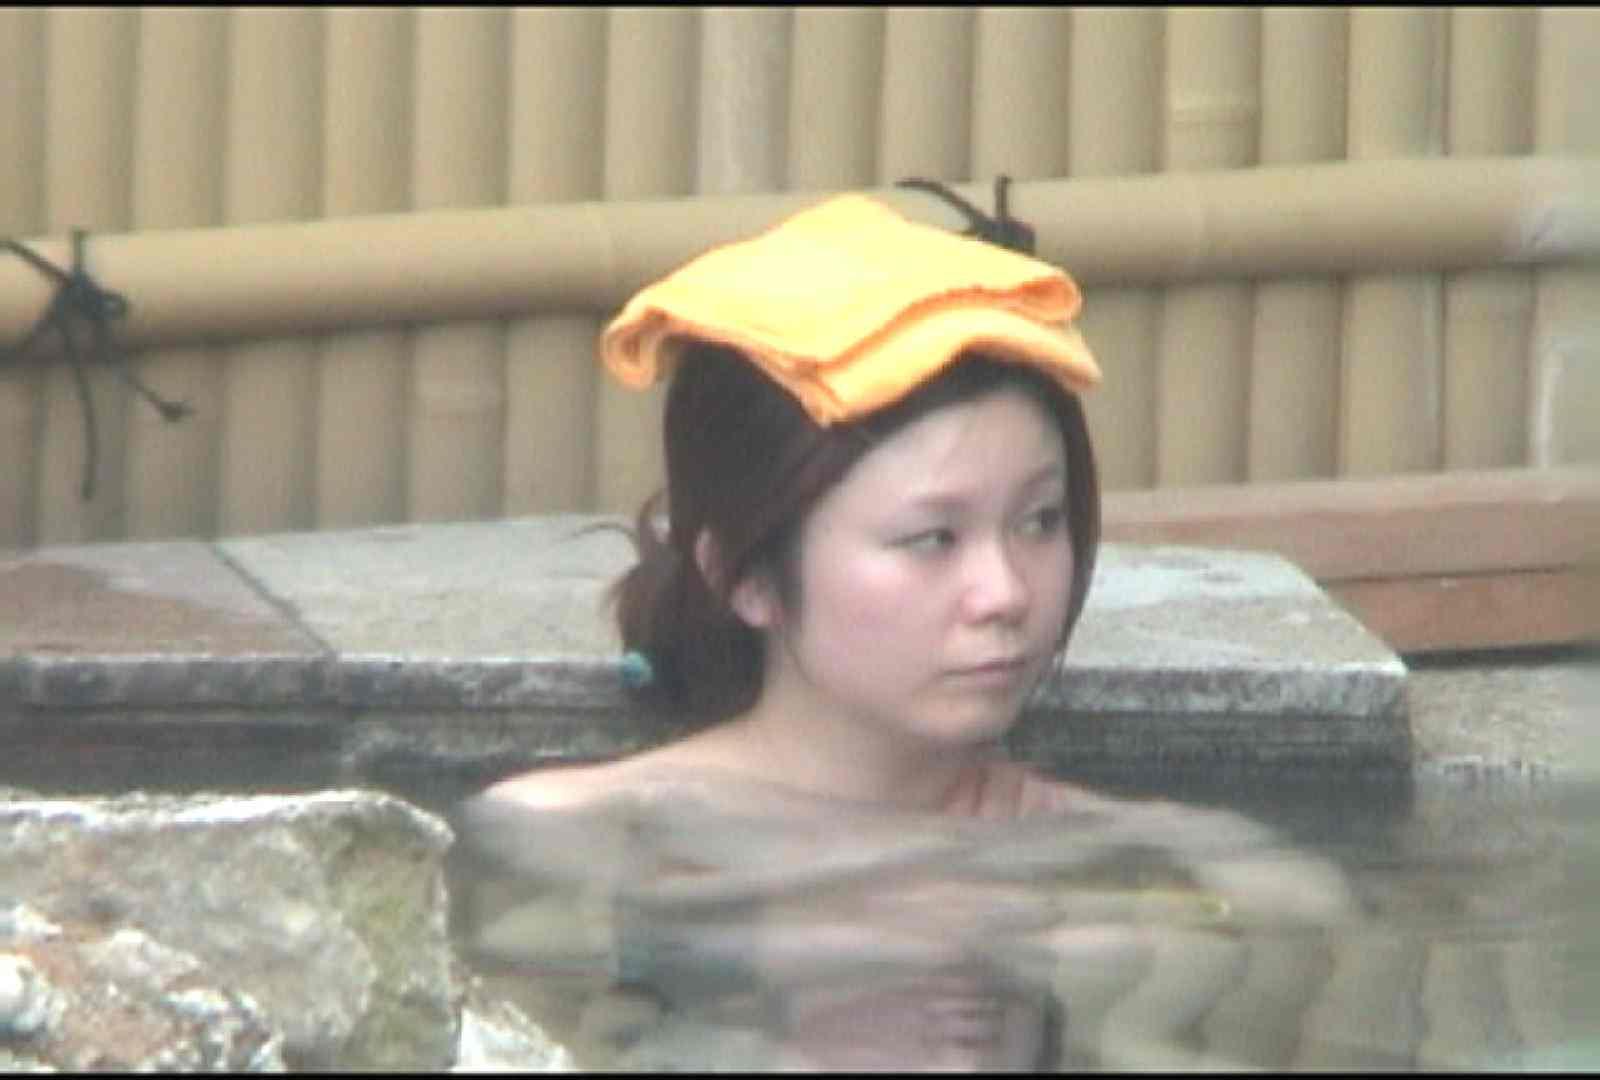 Aquaな露天風呂Vol.177 盗撮師作品   美しいOLの裸体  102pic 7